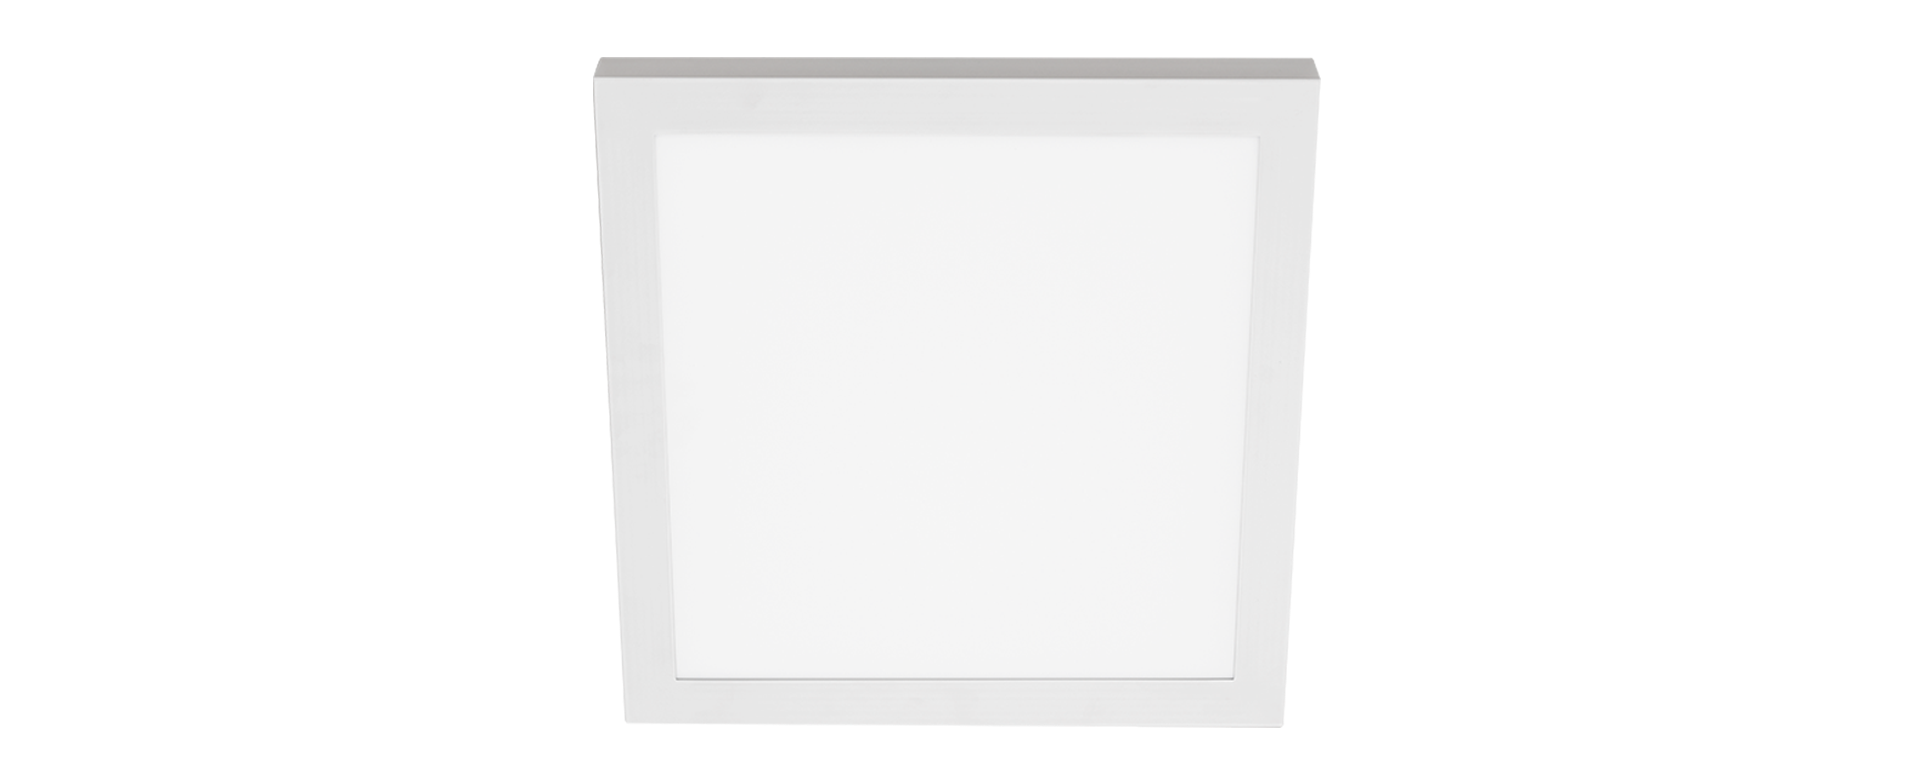 Painel de Sobrepor Quadrado Slim LED 30W 3000K Bivolt STH7967/30 - Stella Design